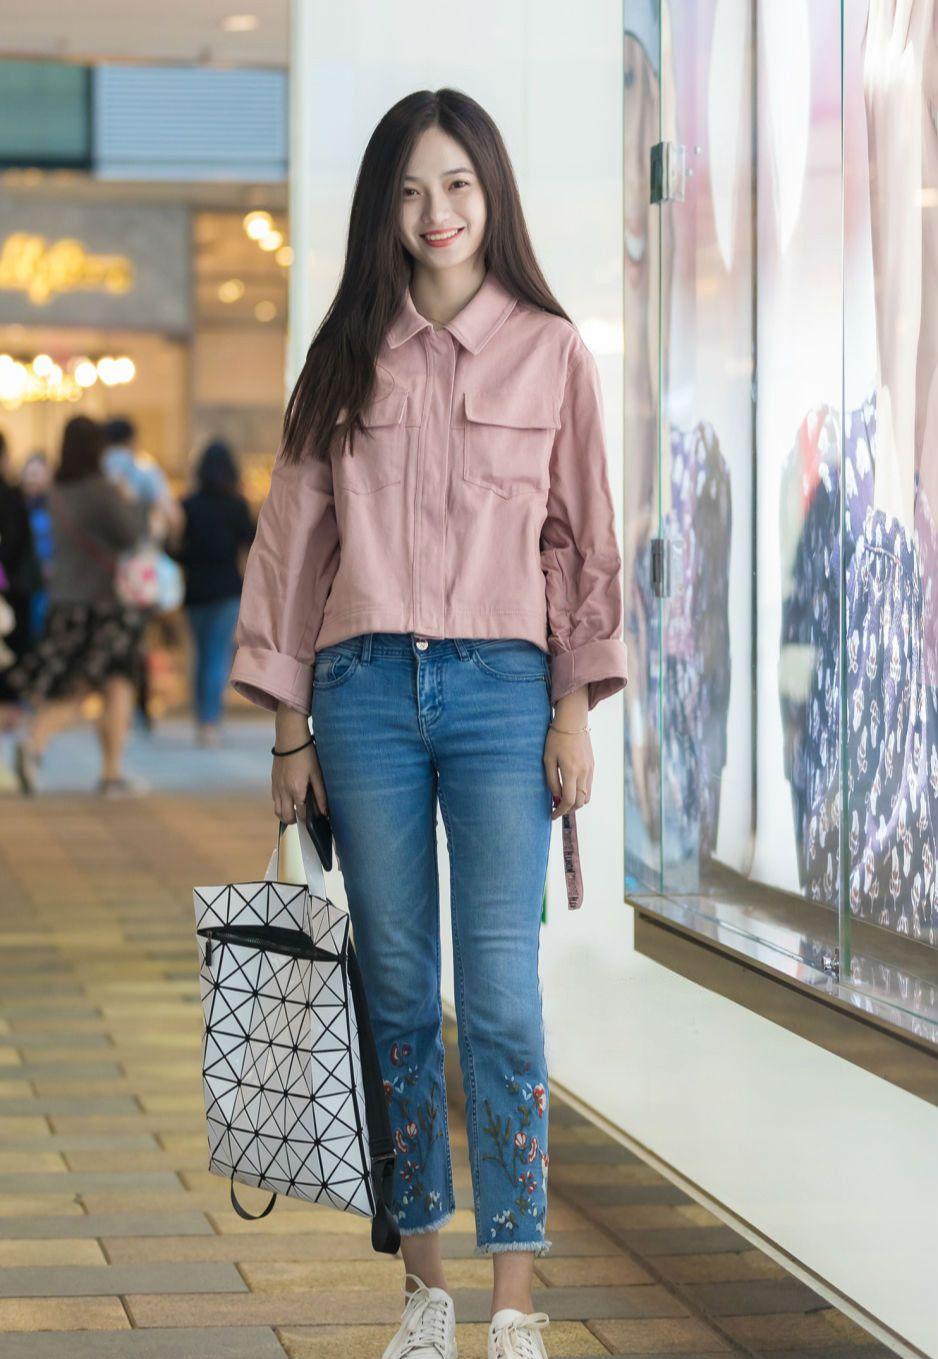 牛仔裤的百搭效果,让你轻松打造想要的时尚美